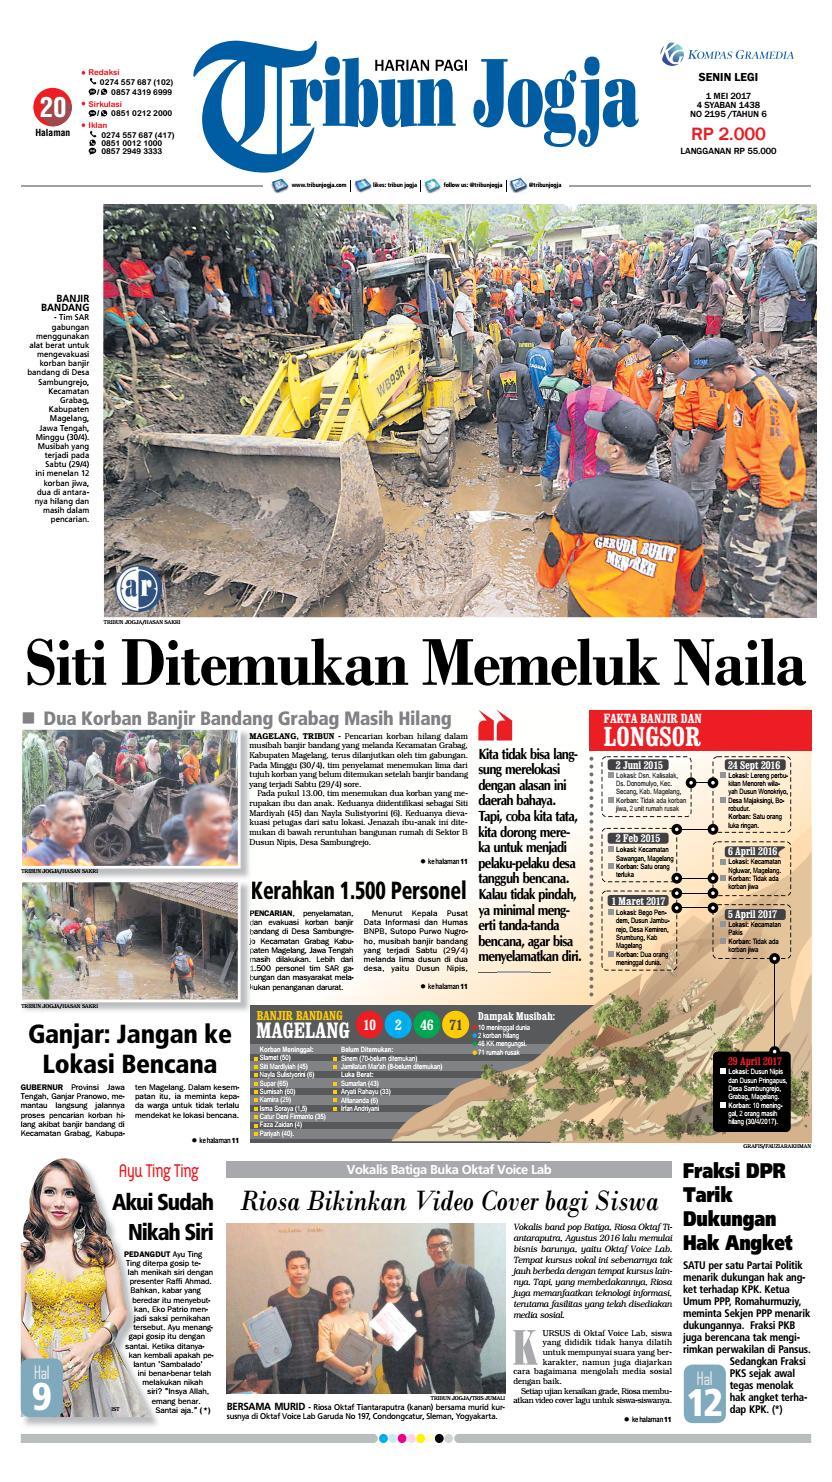 Tribunjogja 01 05 2017 By Tribun Jogja Issuu Produk Ukm Bumn Pusaka Coffee 15 Pcs Kopi Herbal Nusantara Free Ongkir Depok Ampamp Jakarta